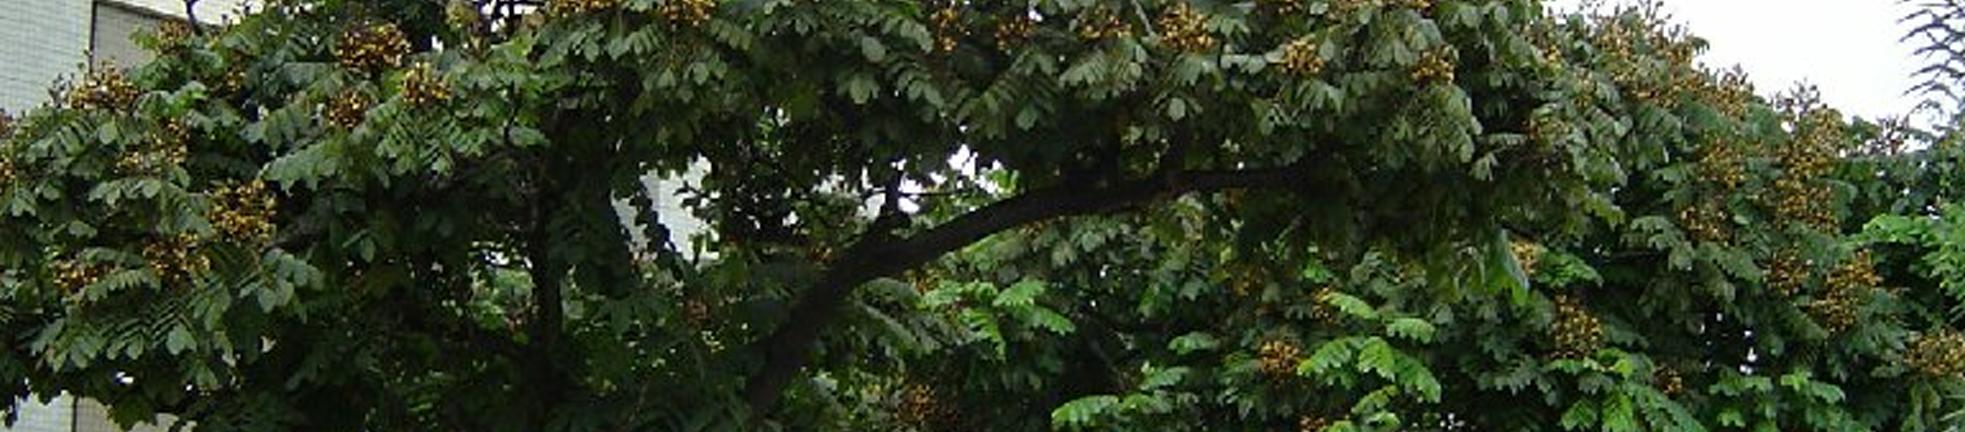 Fonte da imagem: http://arvores.brasil.nom.br/new/arariba/index.htm